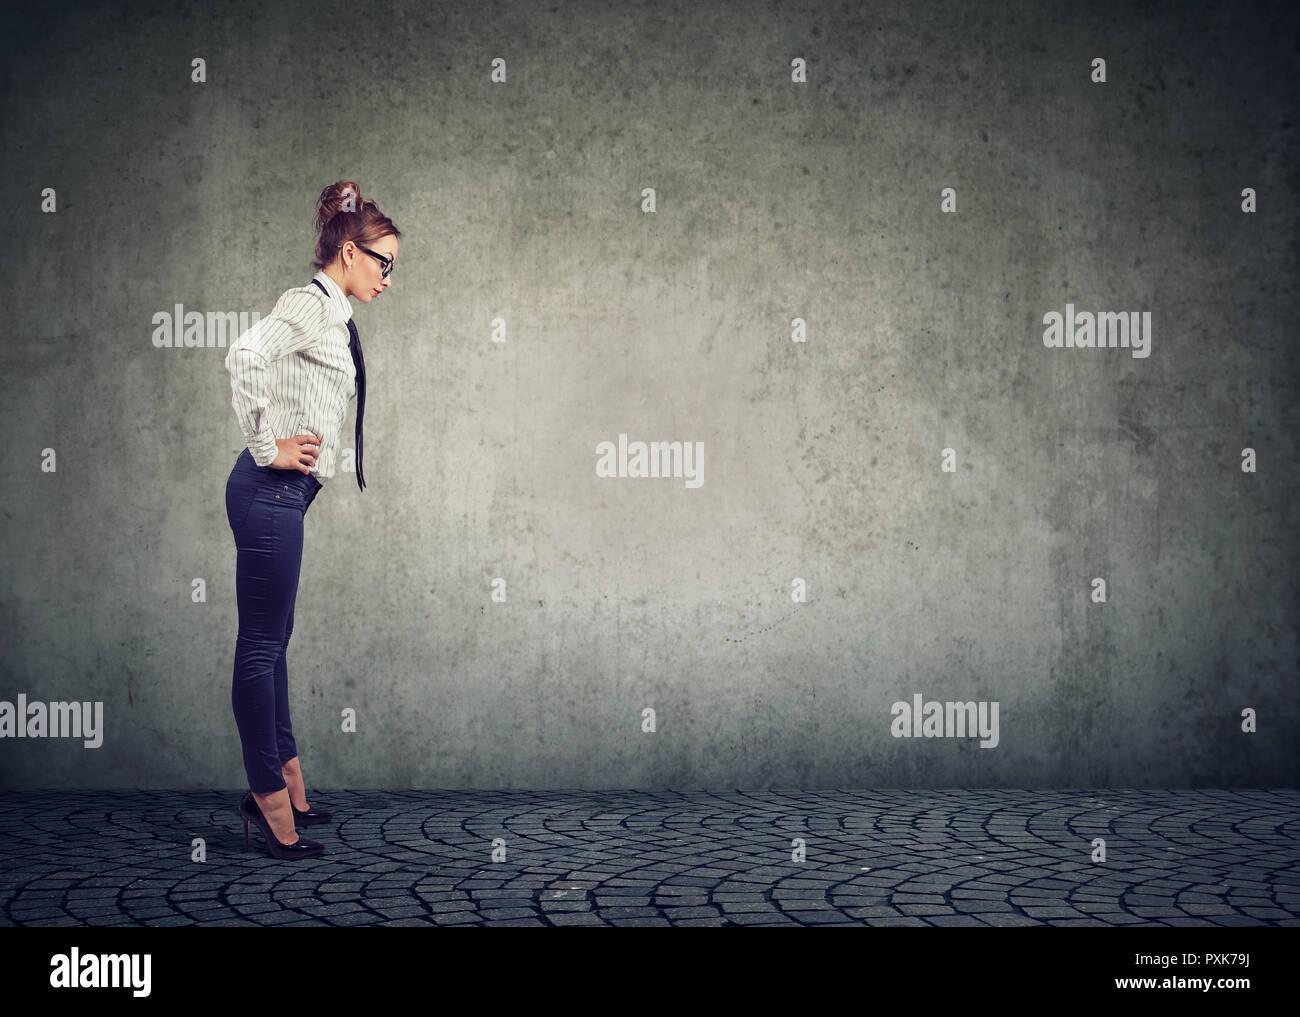 Seitenansicht des formalen Frau auf High Heels in Verwirrung nach unten schauen neugierig zu sein gegen grauer Hintergrund Stockbild